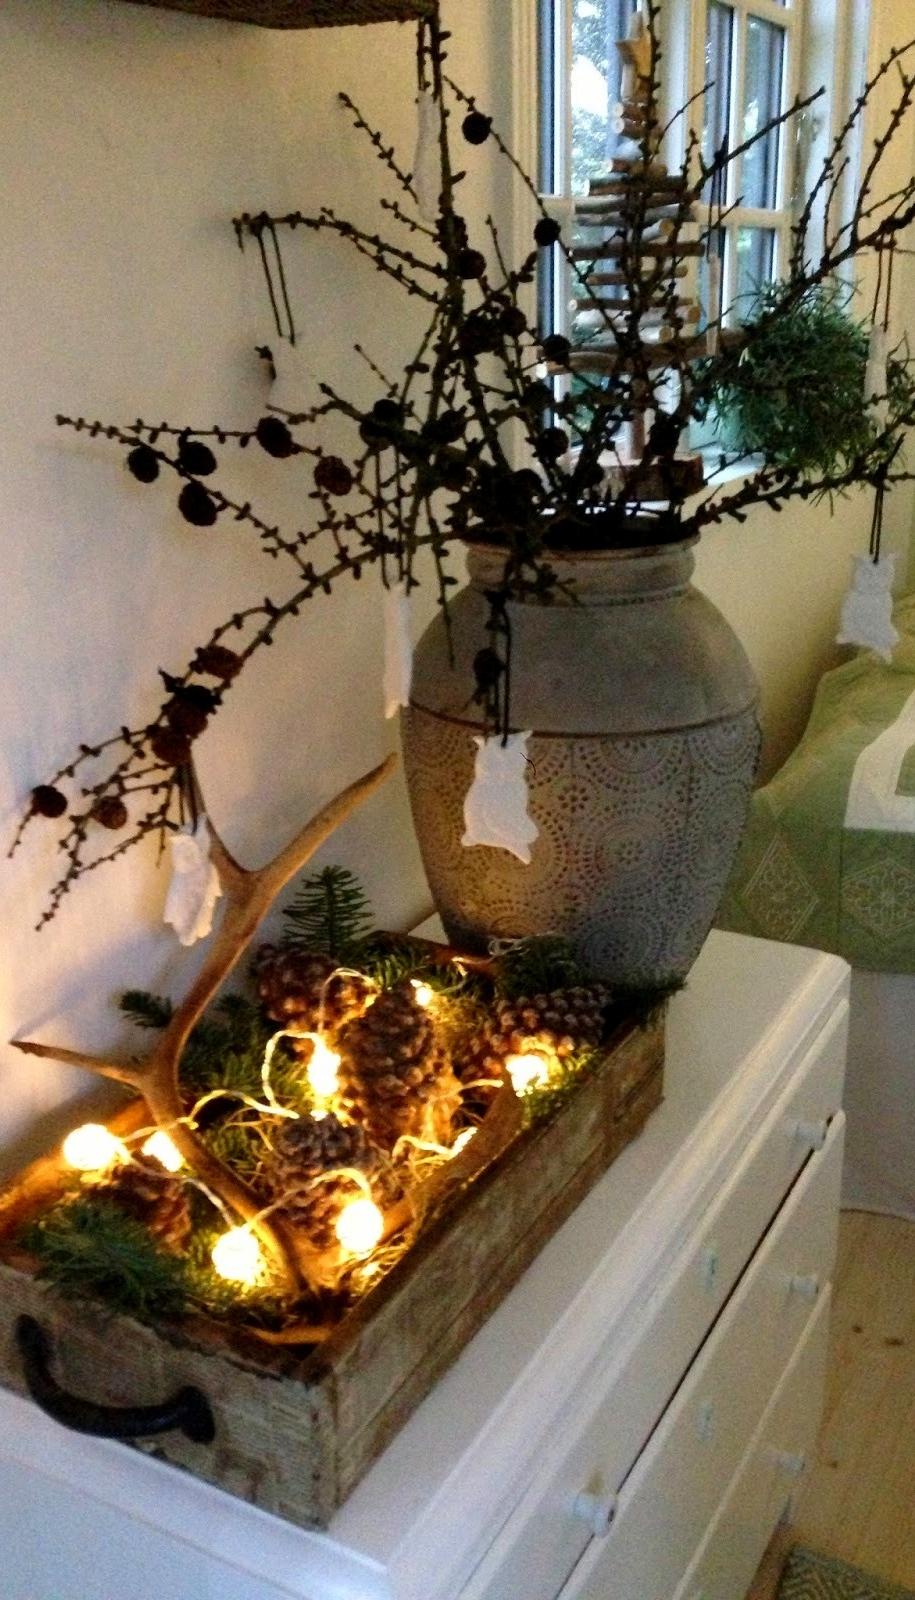 Дерев'яна таця з новорічним декором